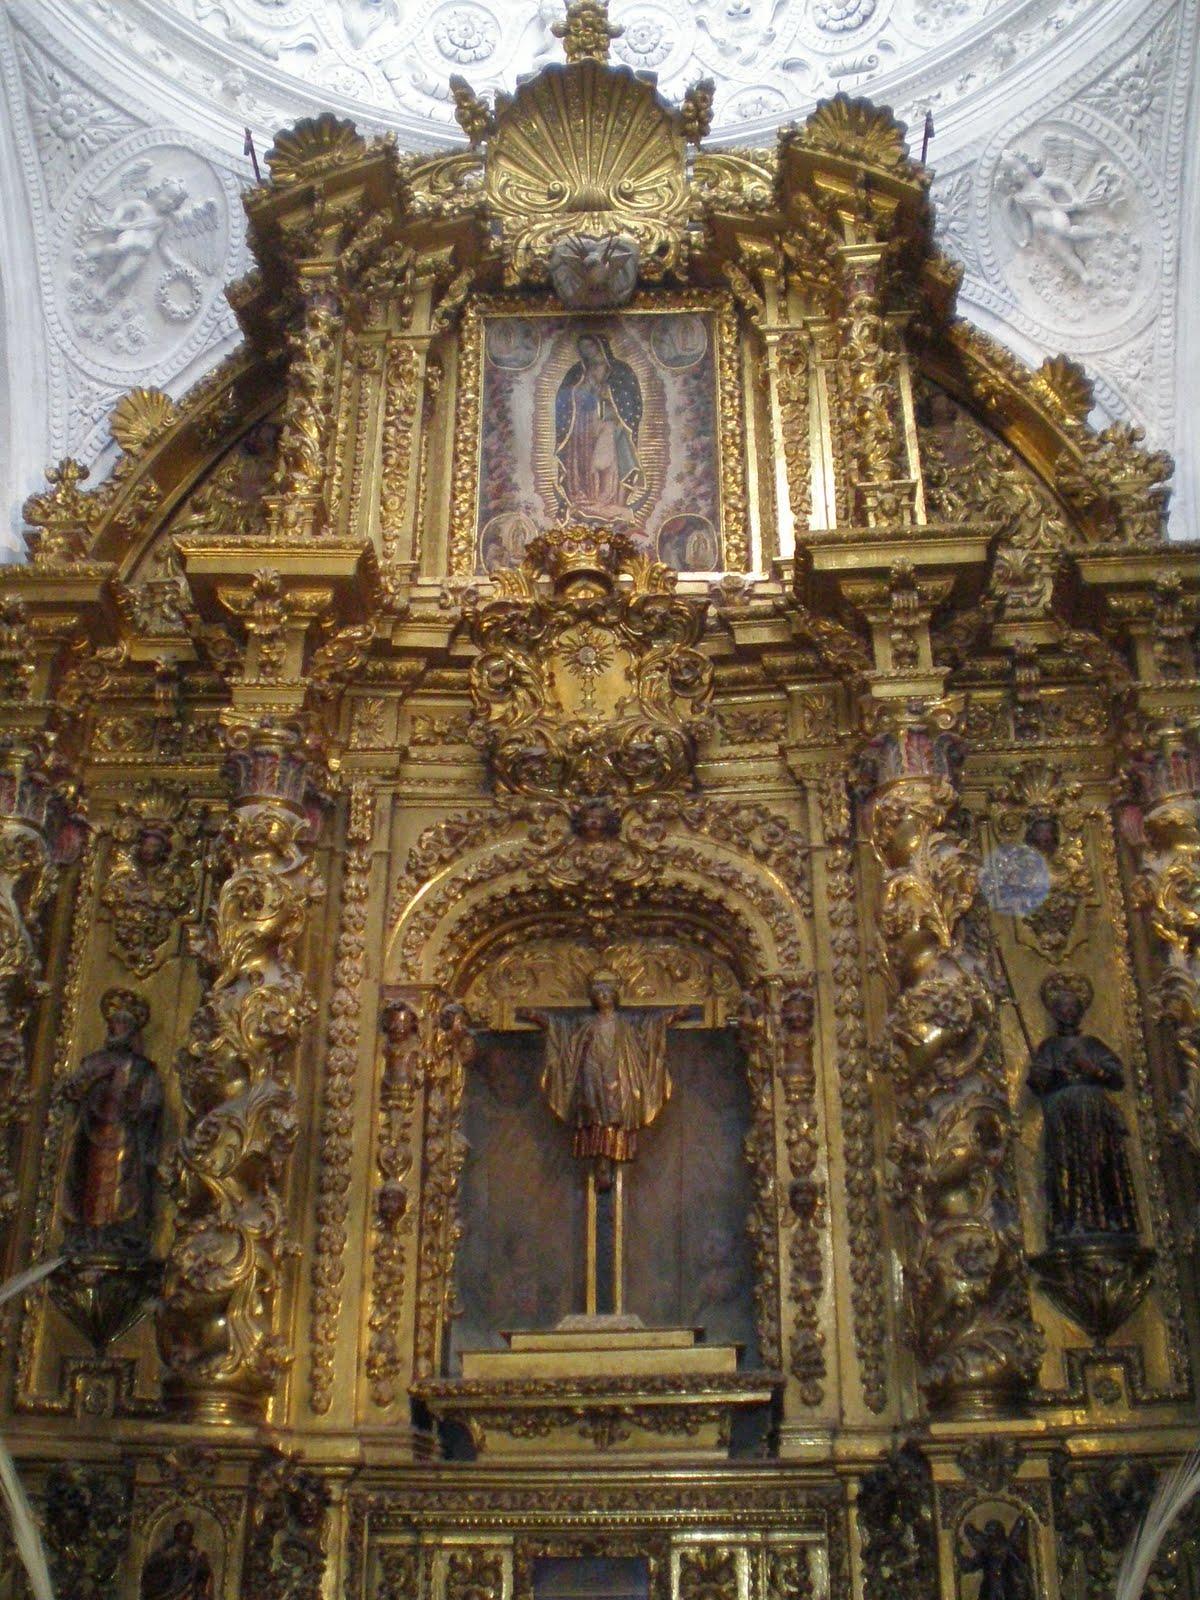 La Virgen De Guadalupe En La Catedral Seo De Zaragoza Espana En La